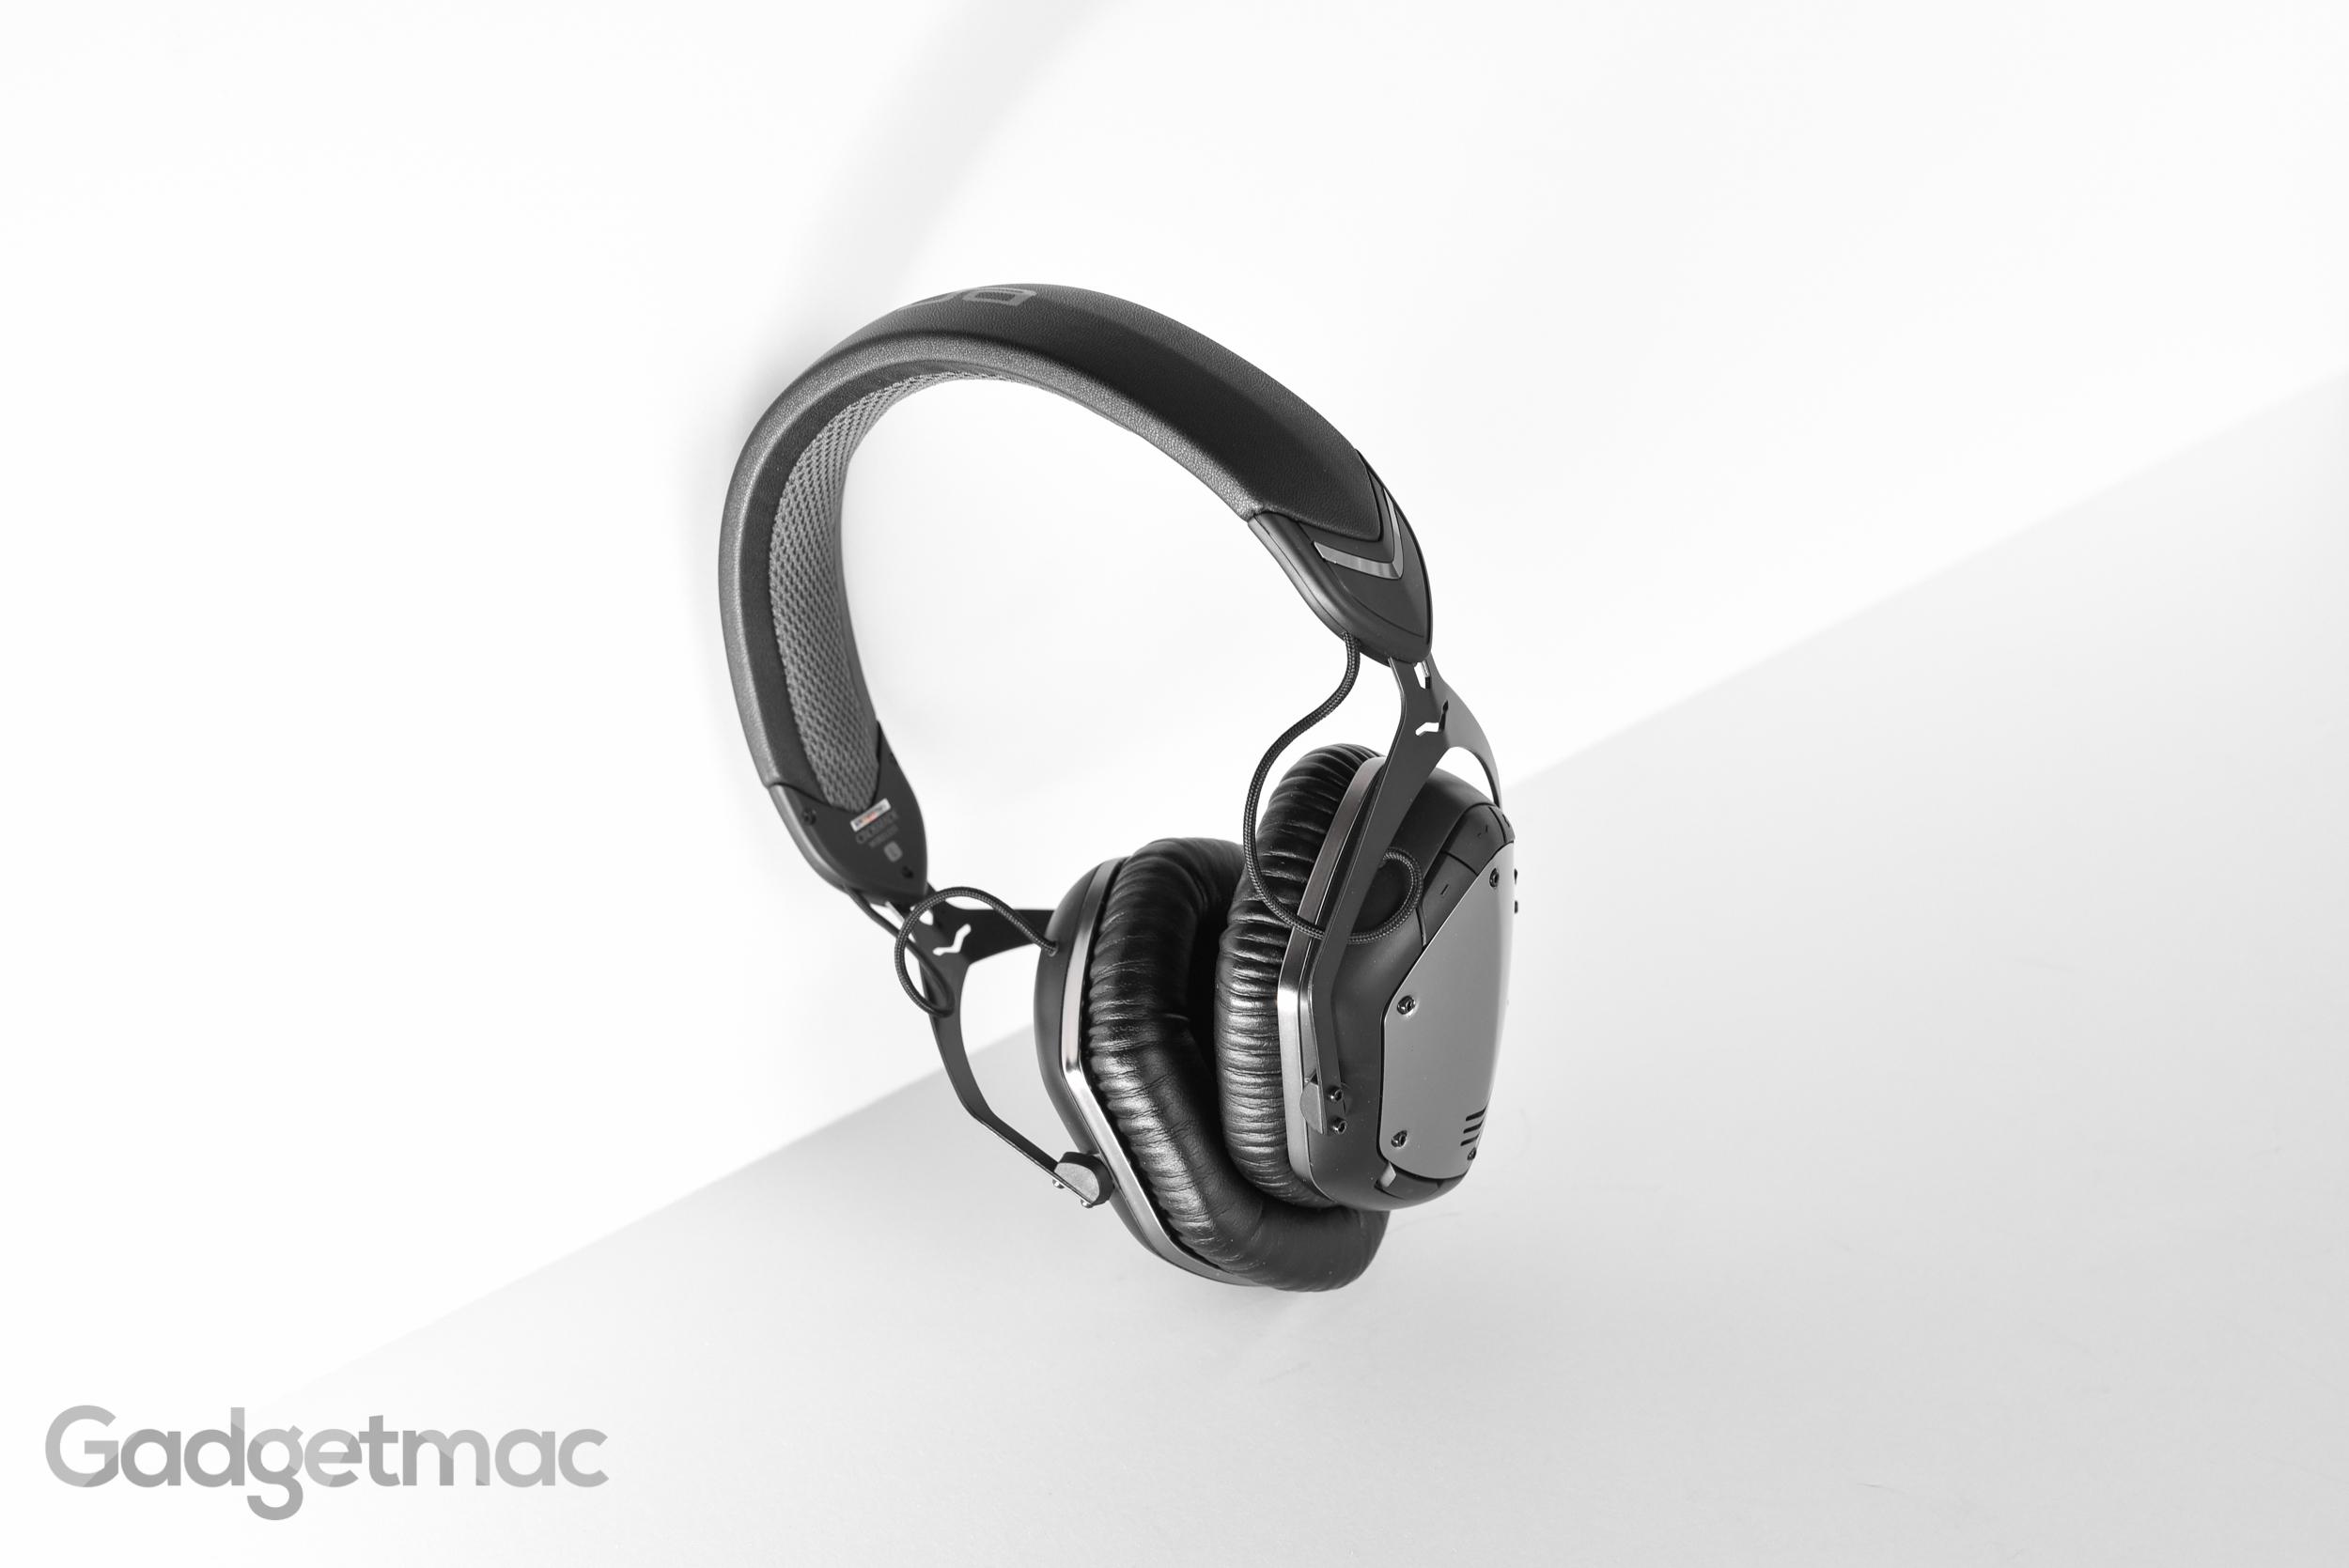 v-moda-crossfade-wireless-headphones-phantom-chrome.jpg